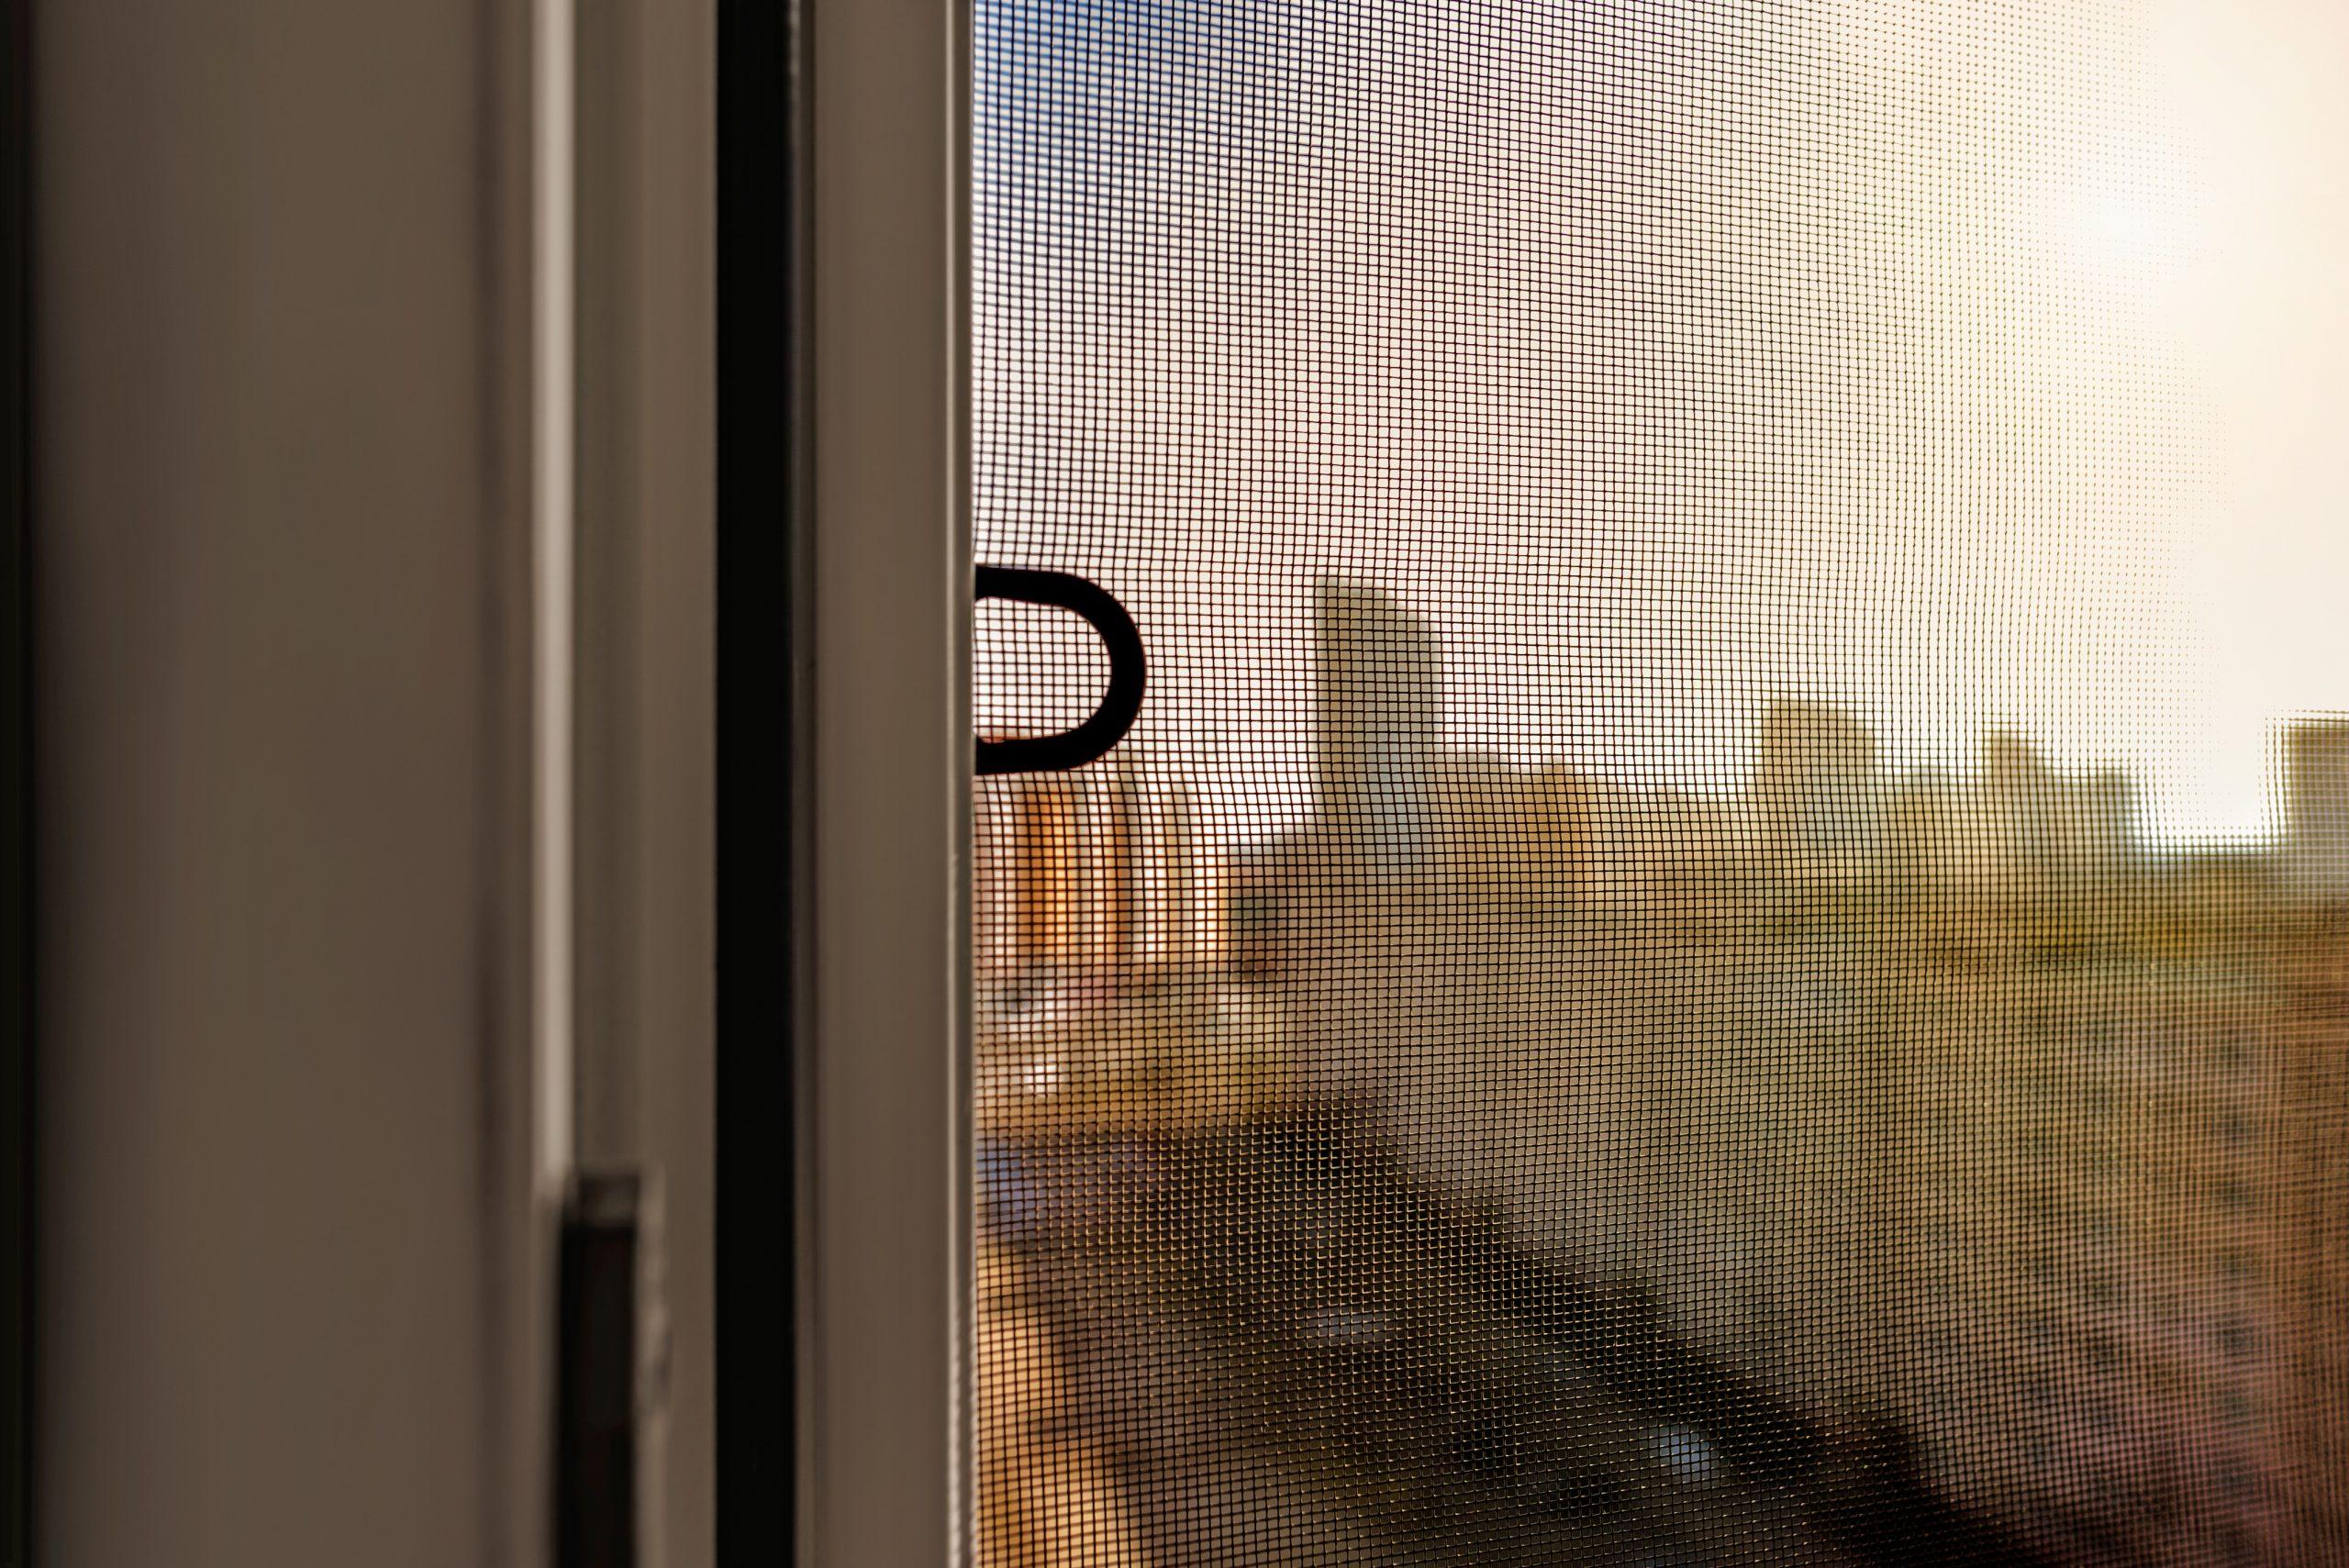 Full Size of Fliegengitter Fenster Maßanfertigung Magnet Test Bzw Vergleich 2020 Auf Gartentippscom Winkhaus Alarmanlage Obi Insektenschutz Internorm Preise Rolladen Fenster Fliegengitter Fenster Maßanfertigung